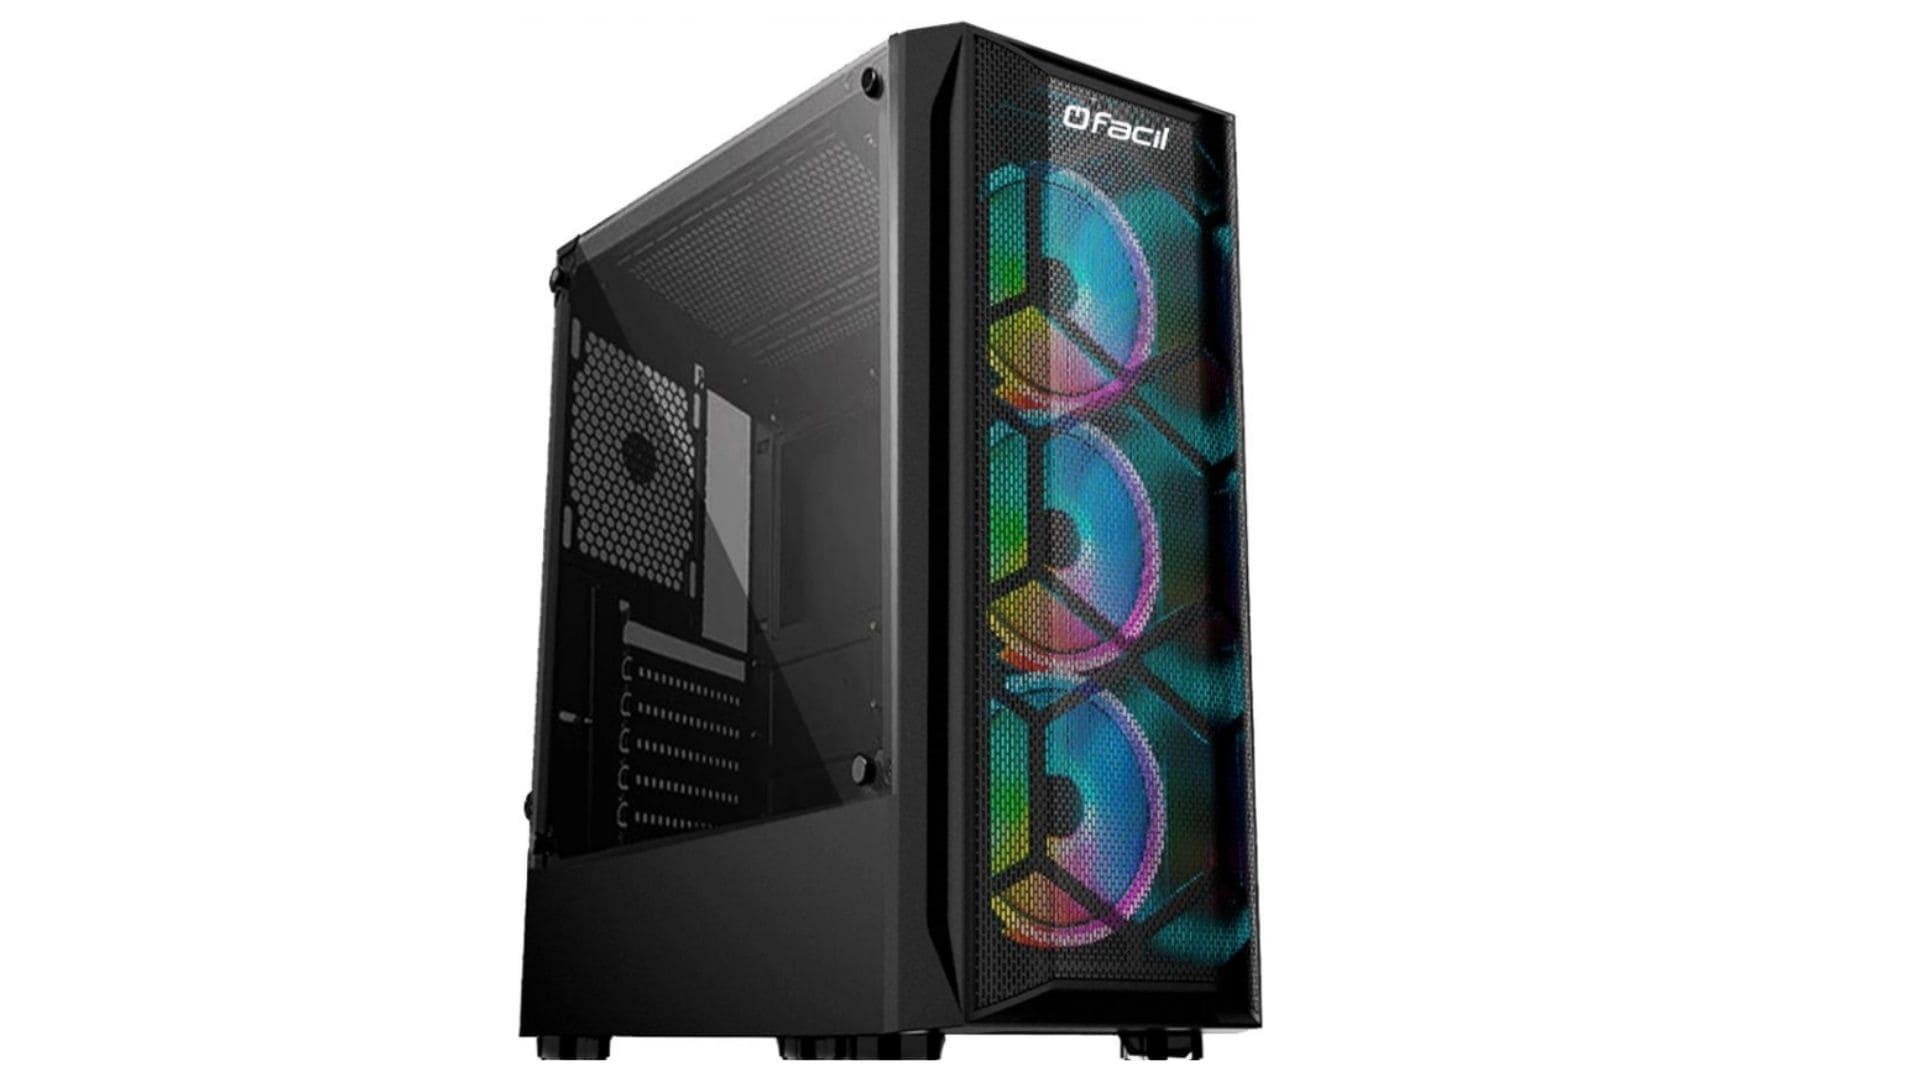 PC Gamer barato Fácil by Asus preto com RGB na parte frontal em fundo branco